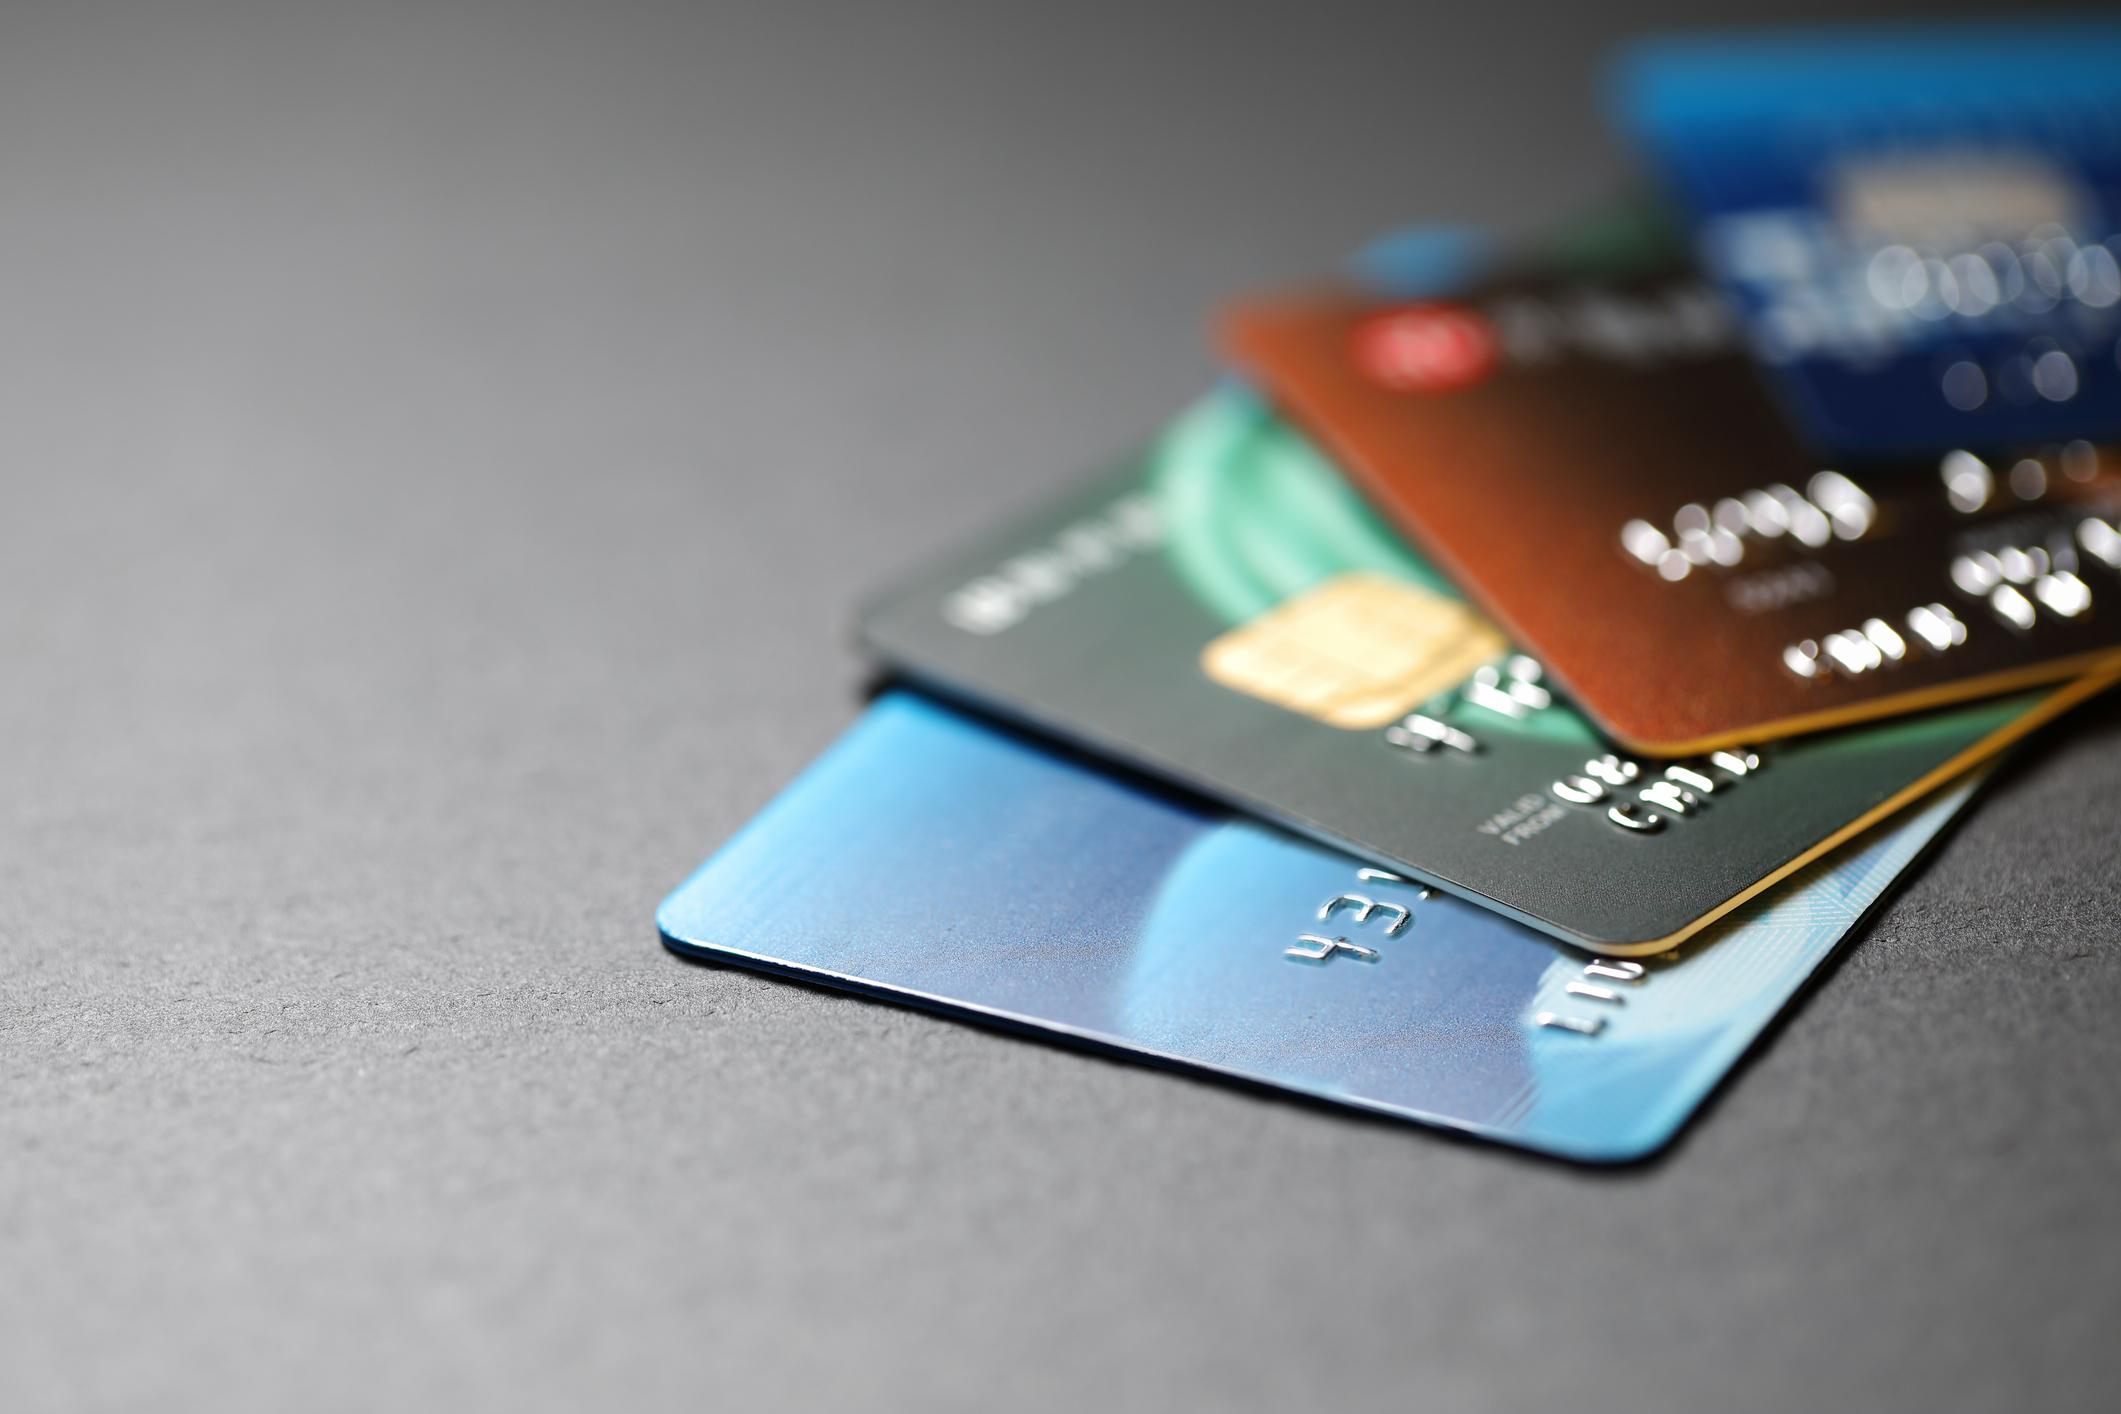 قرض بطاقة الائتمان Credit Cards اقرأ السوق المفتوح